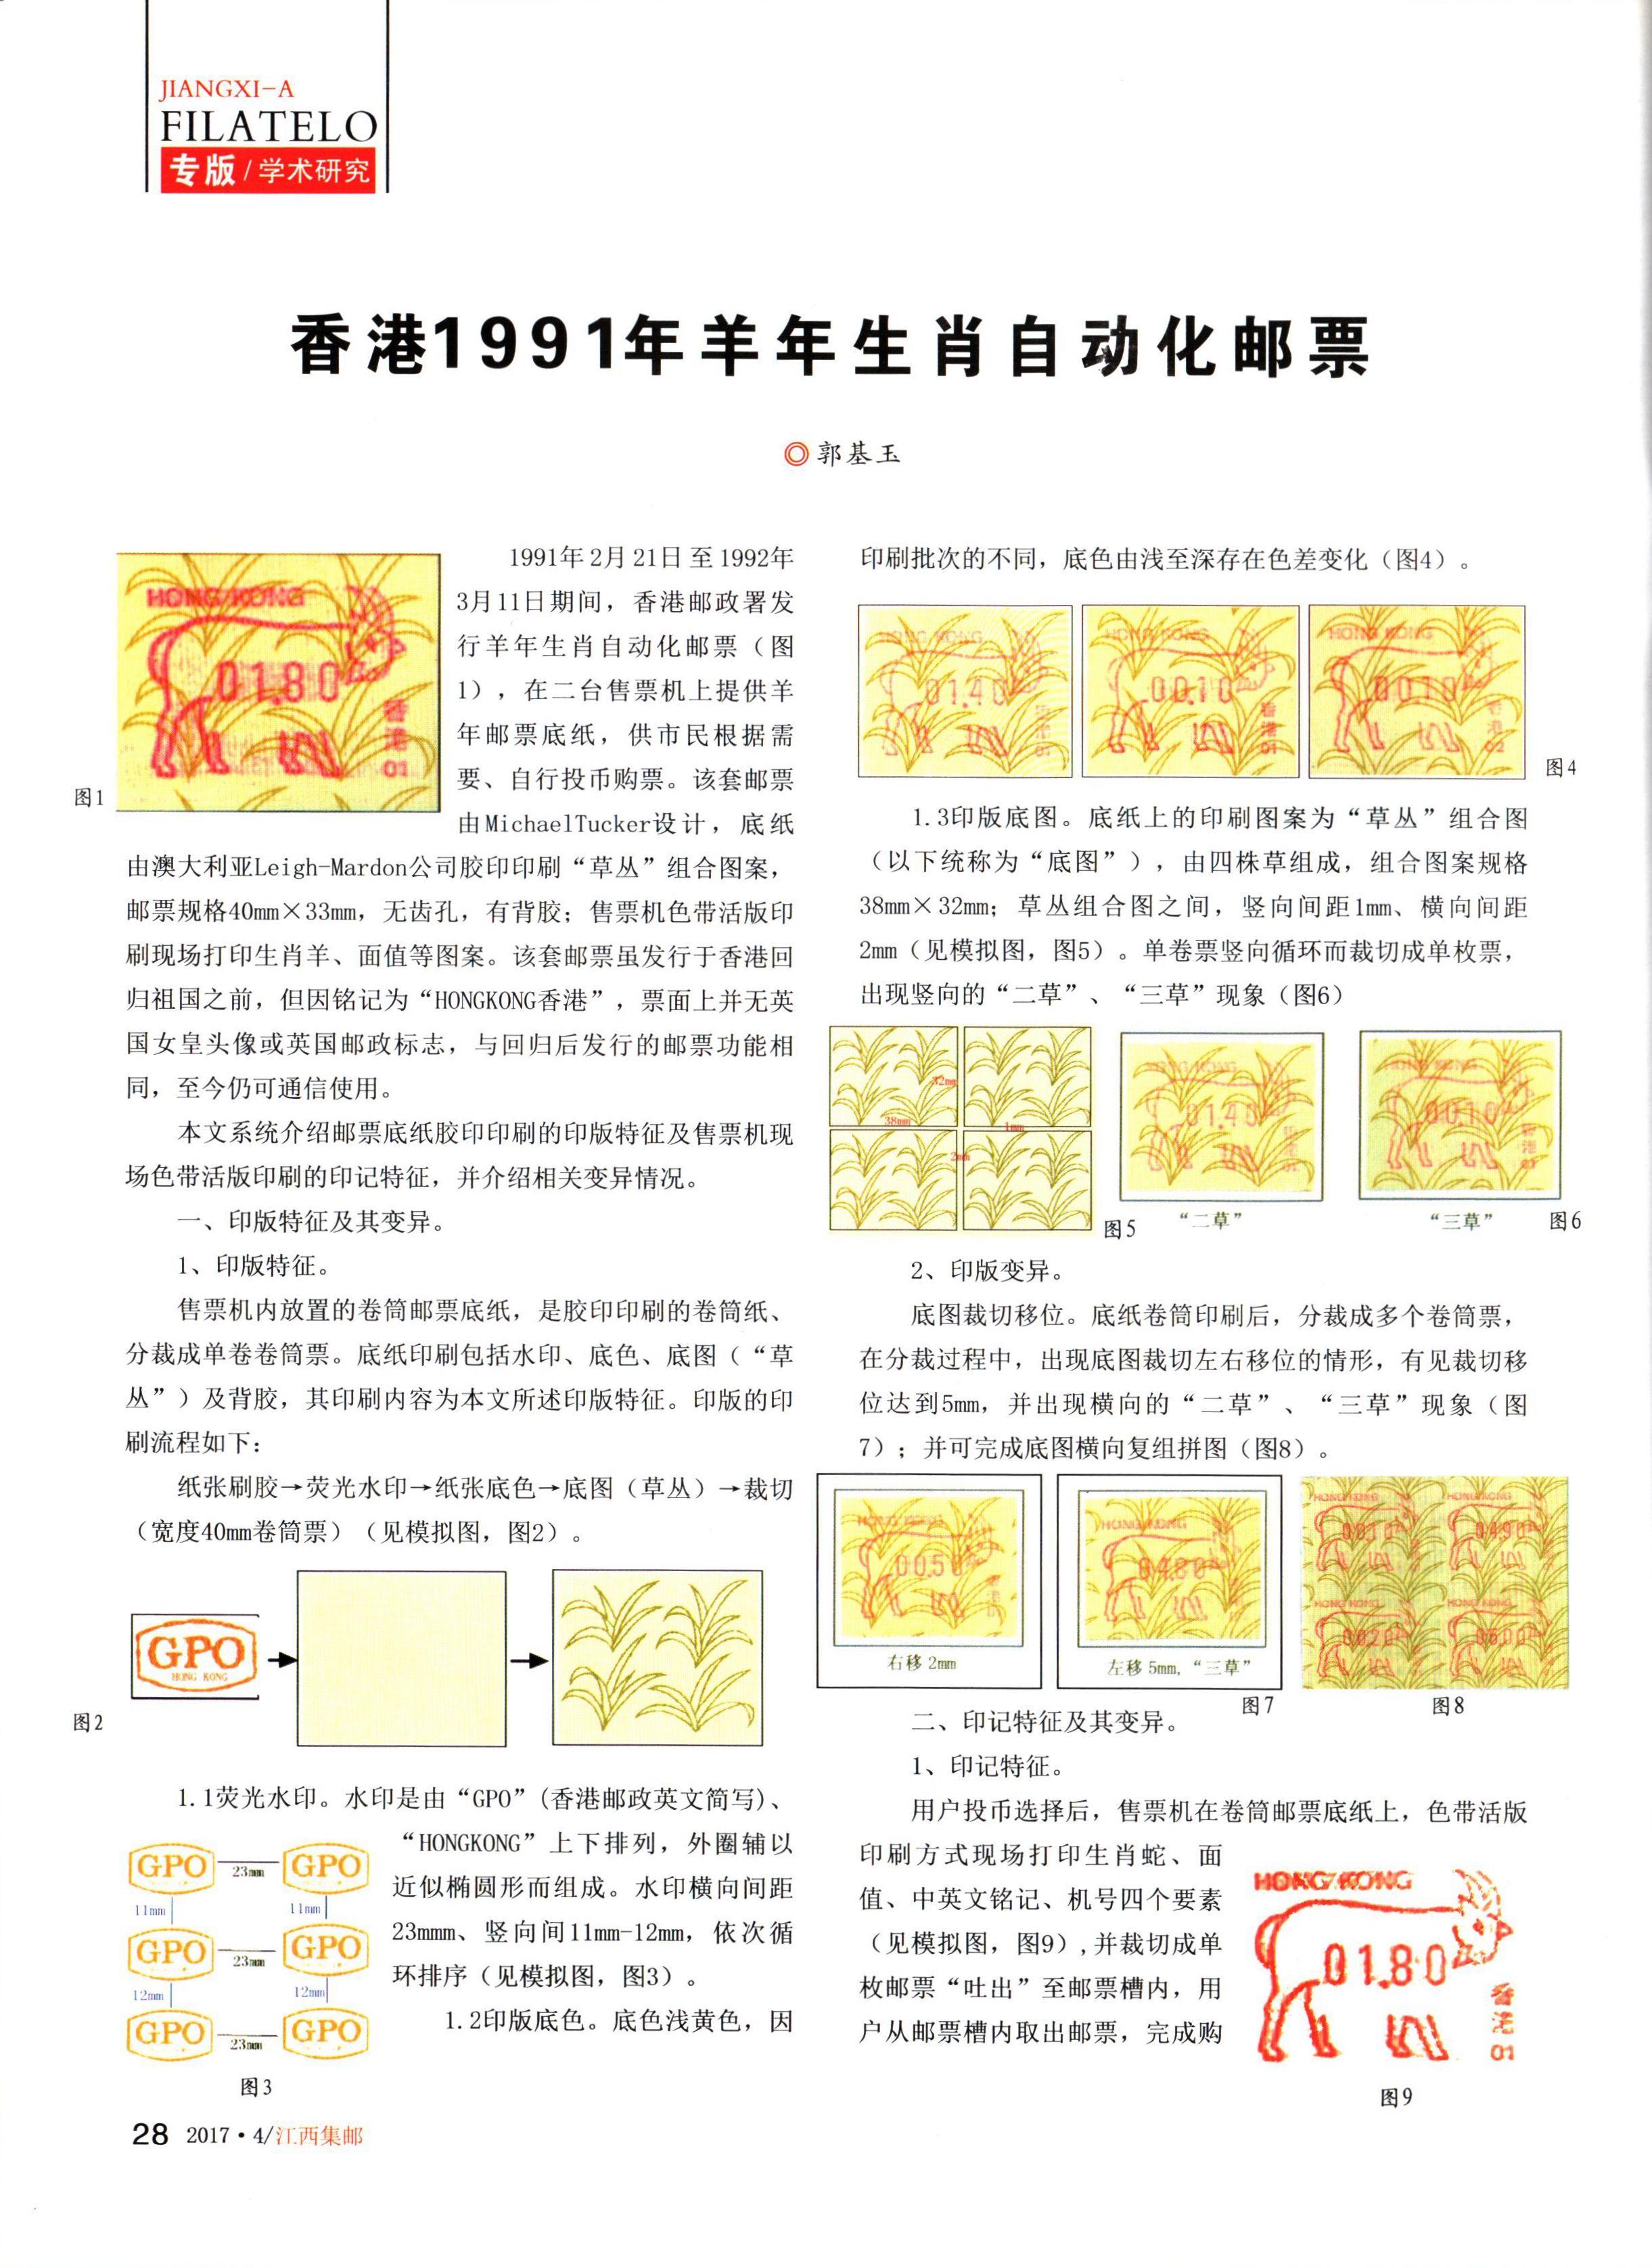 香港1991年羊年生肖自动化邮票1(江西集邮2017